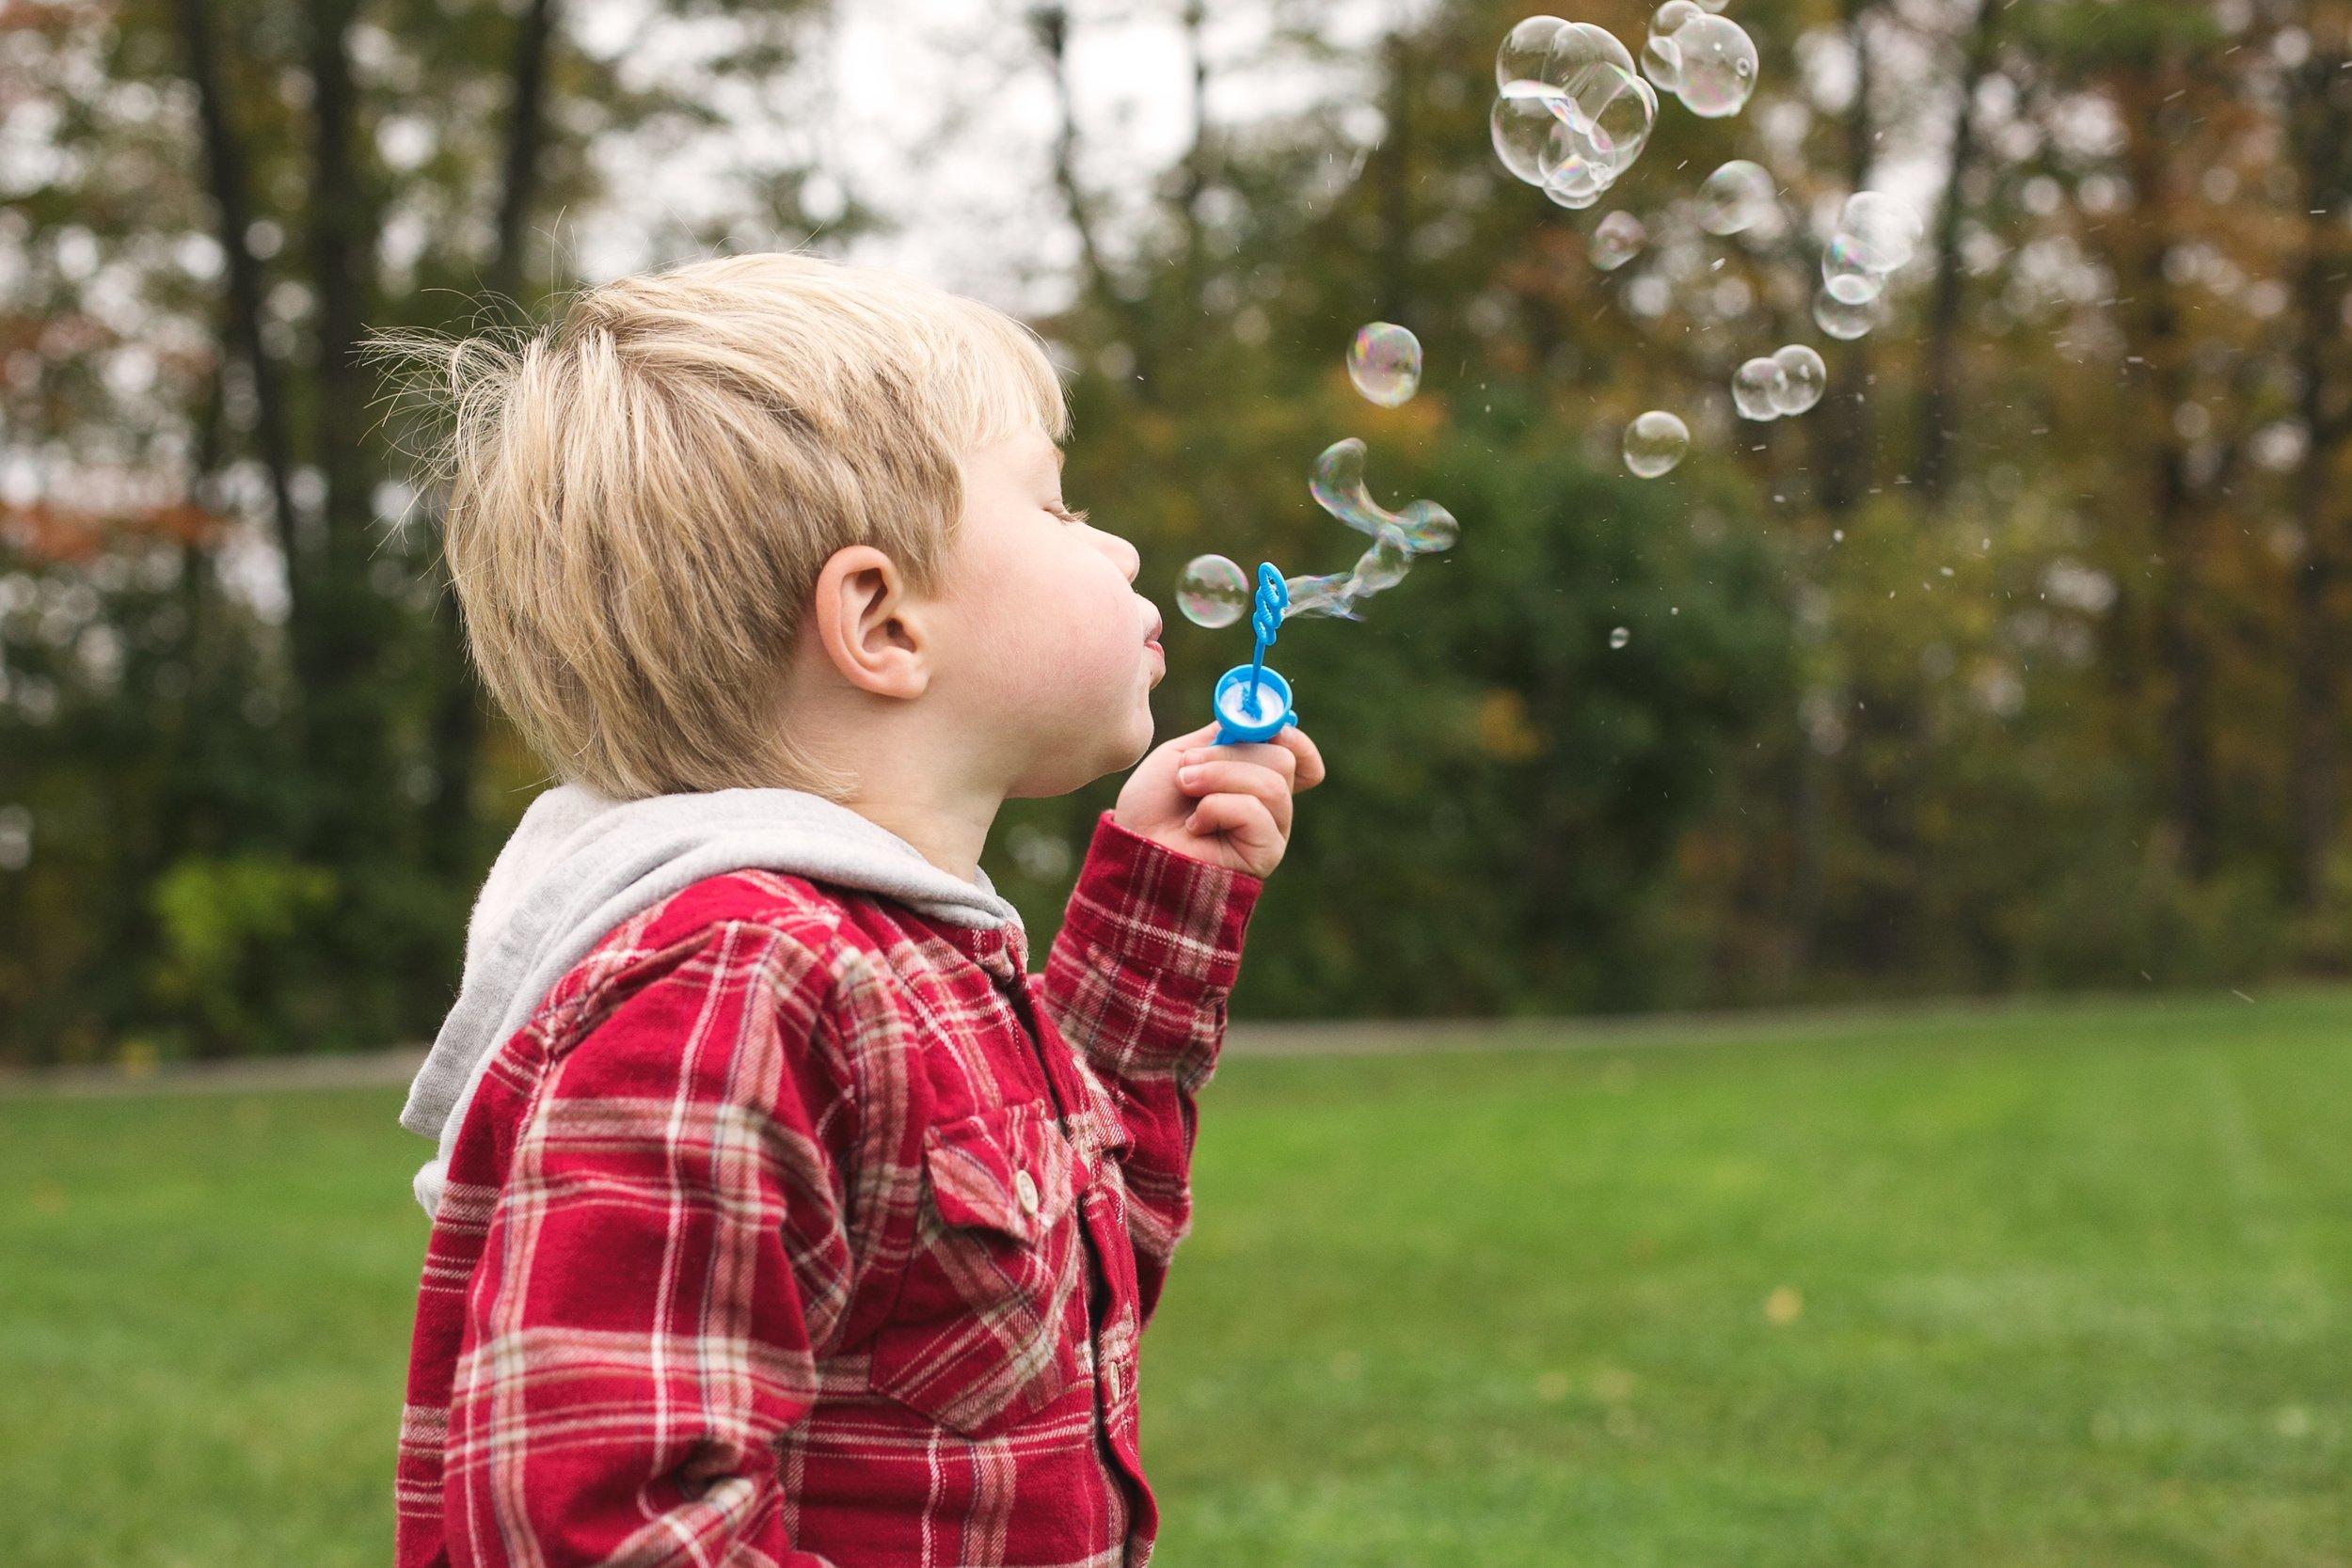 boy-blowing-bubbles_4460x4460.jpg